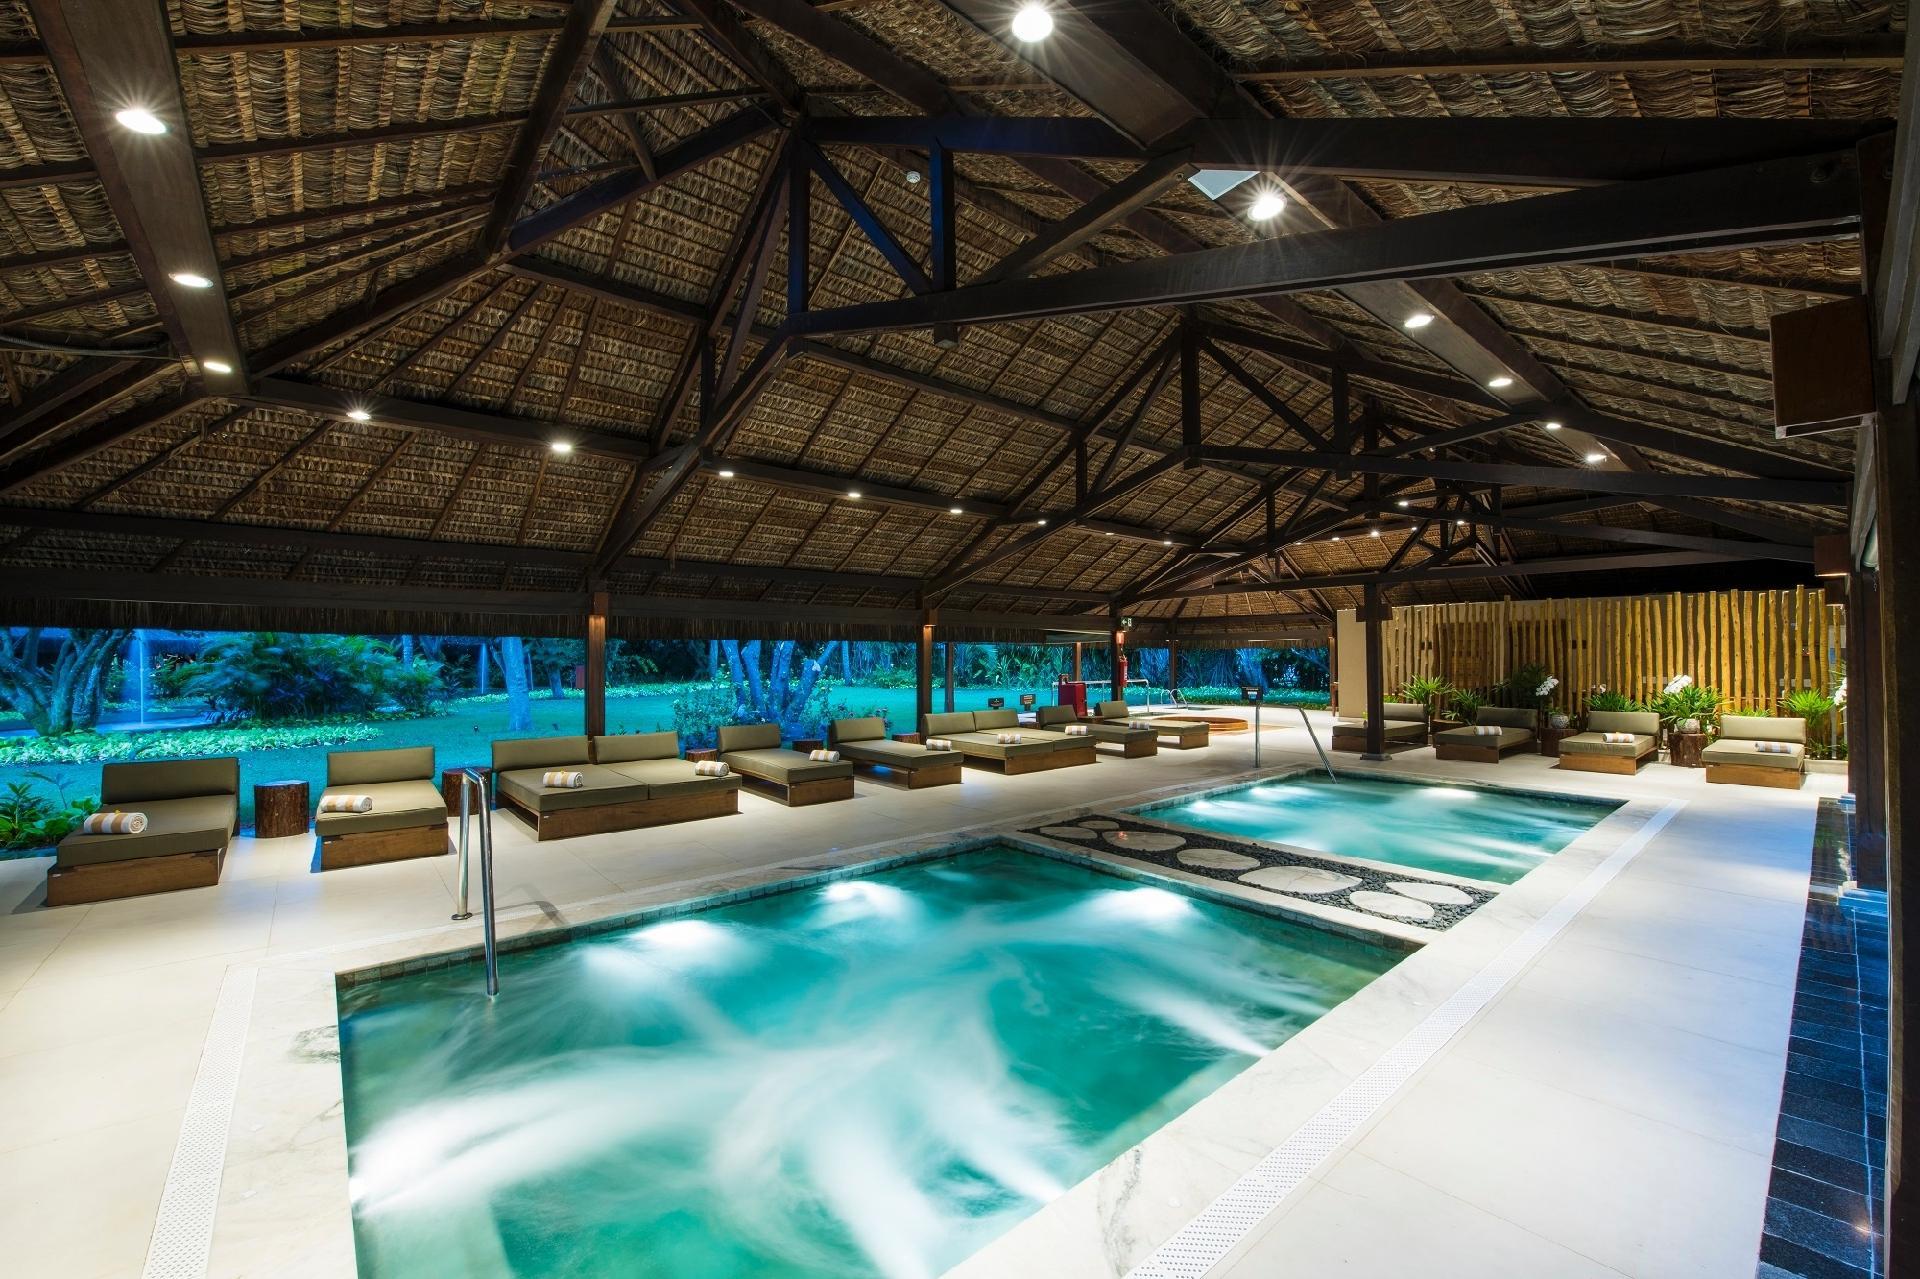 Para relaxar: conheça spas incríveis que ficam dentro de hotéis brasileiros